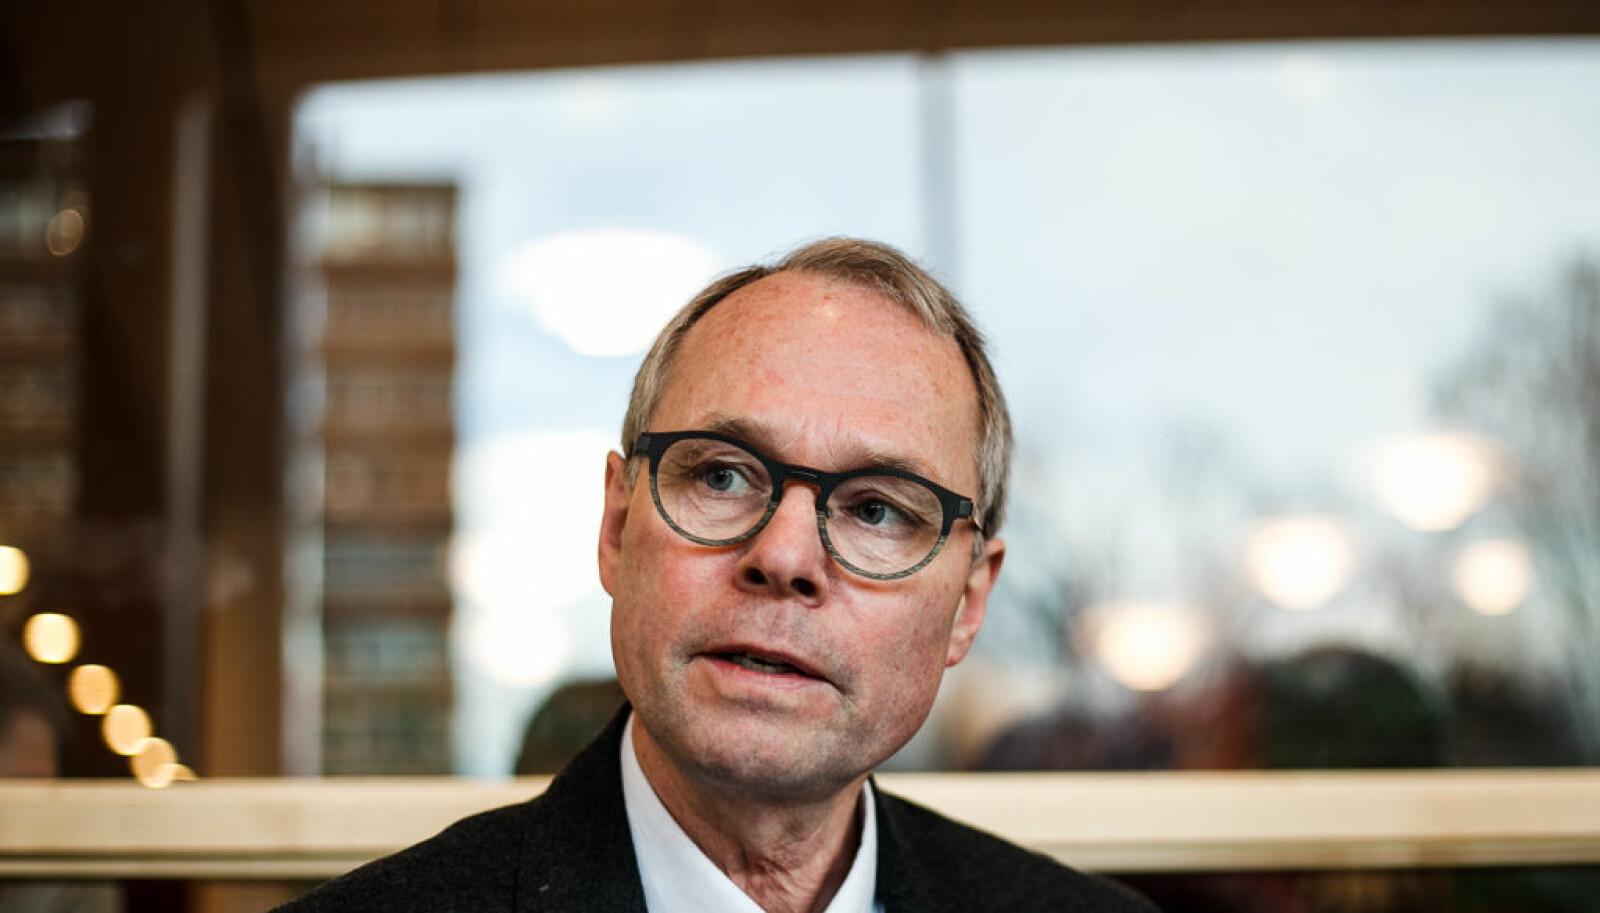 Det var en EØS-skandale, ikke en trygdeskandale, mener Hans Petter Graver. Foto: Nicklas Knudsen